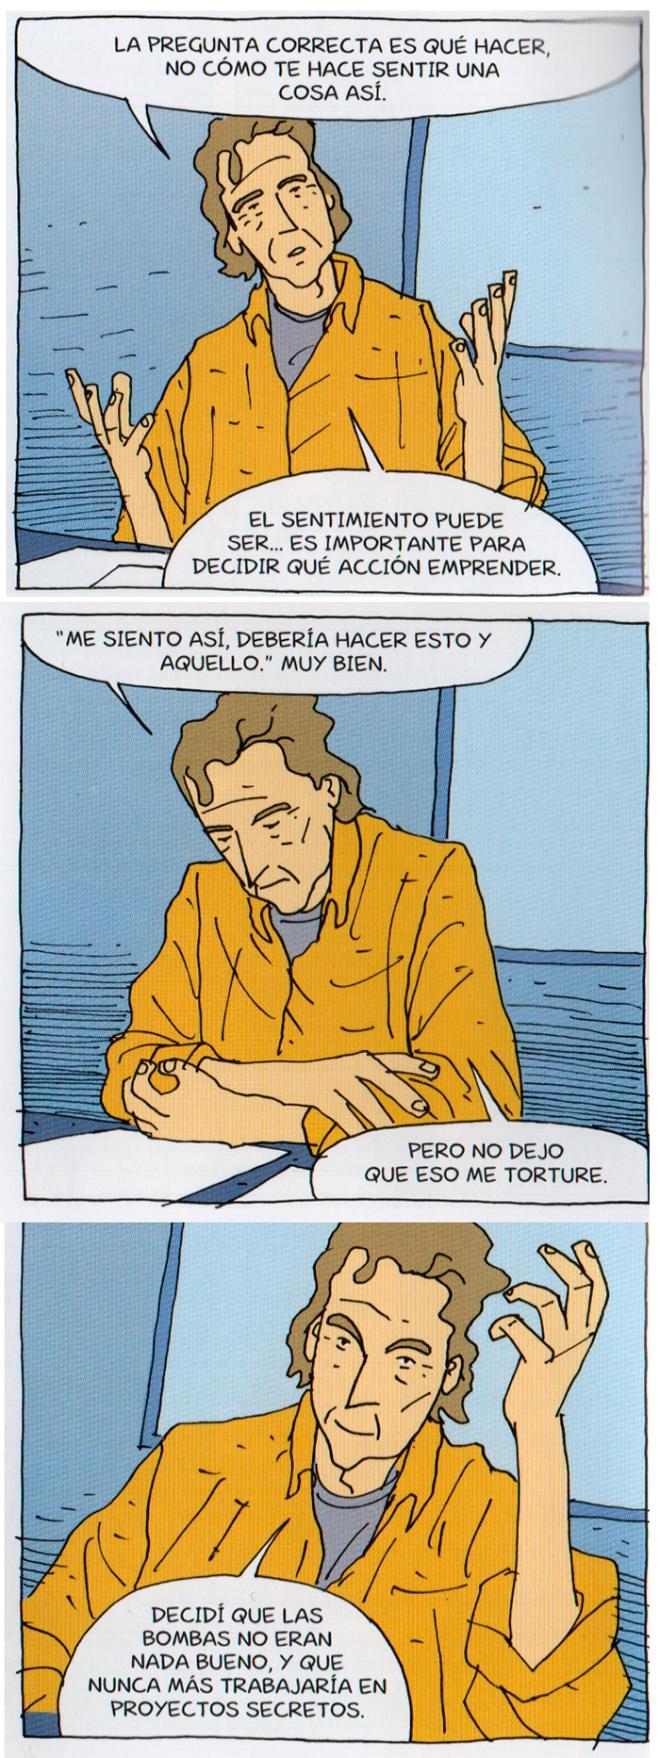 Entre lo cínico y lo zen, Feynman explica sus sentimientos respecto a su participación en el Proyecto Manhattan.